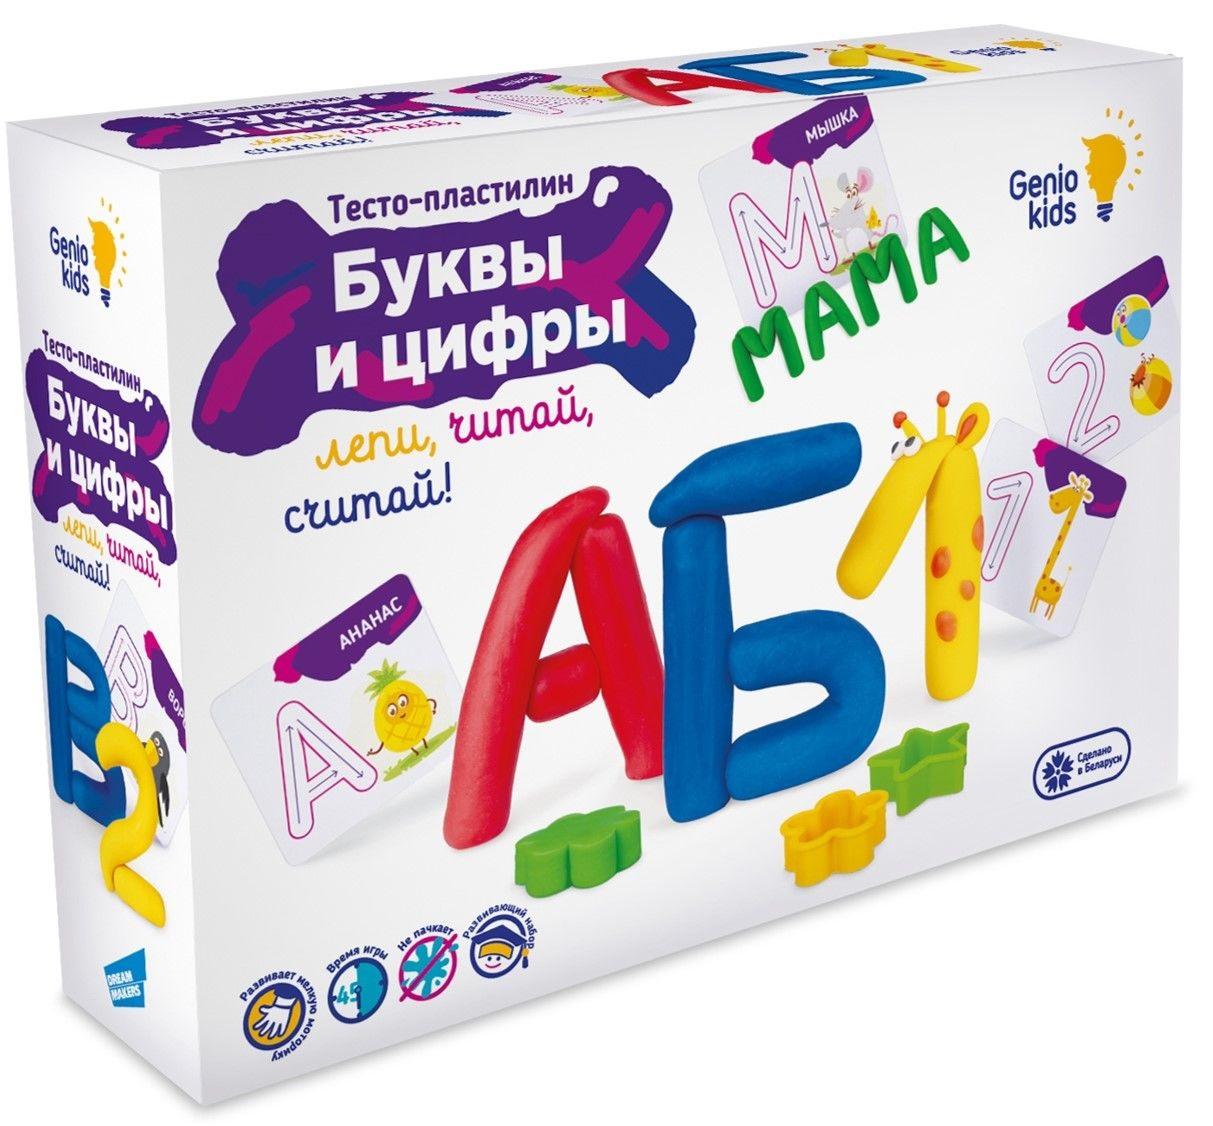 Купить GENIO KIDS-ART набор для детского творчества Тесто-пластилин - Буквы и цифры , Беларусь